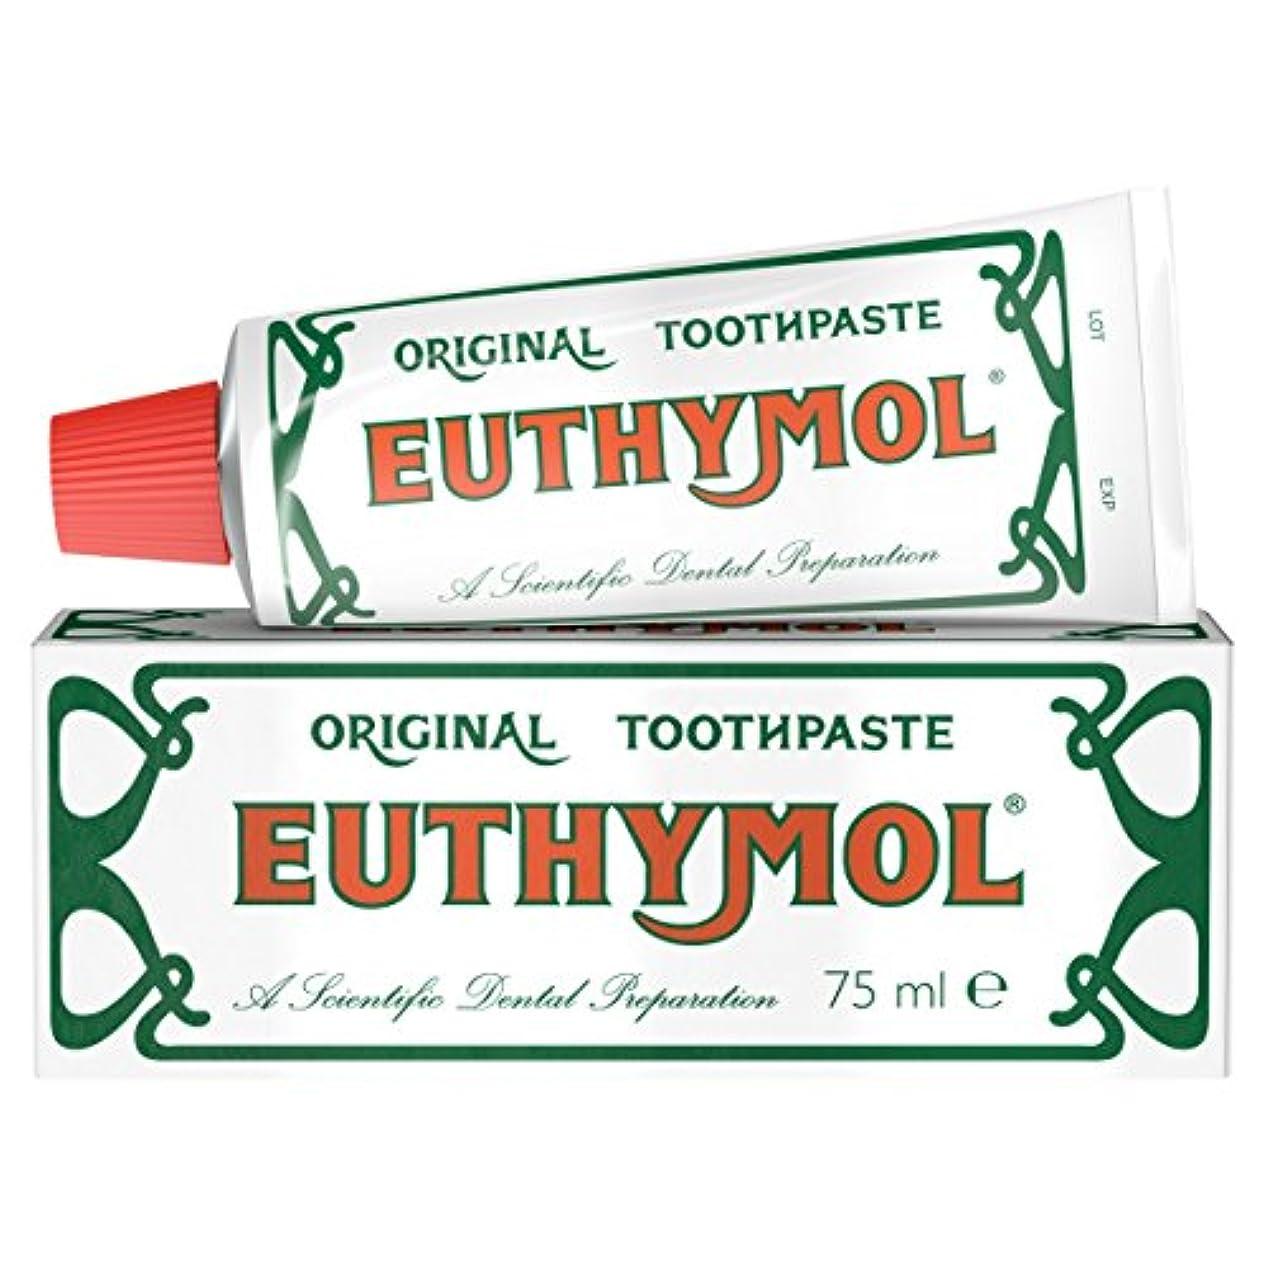 植物学者将来の突撃Euthymol オリジナル歯磨き粉 75ml 並行輸入品 Euthymol Original Toothpaste 75 Ml